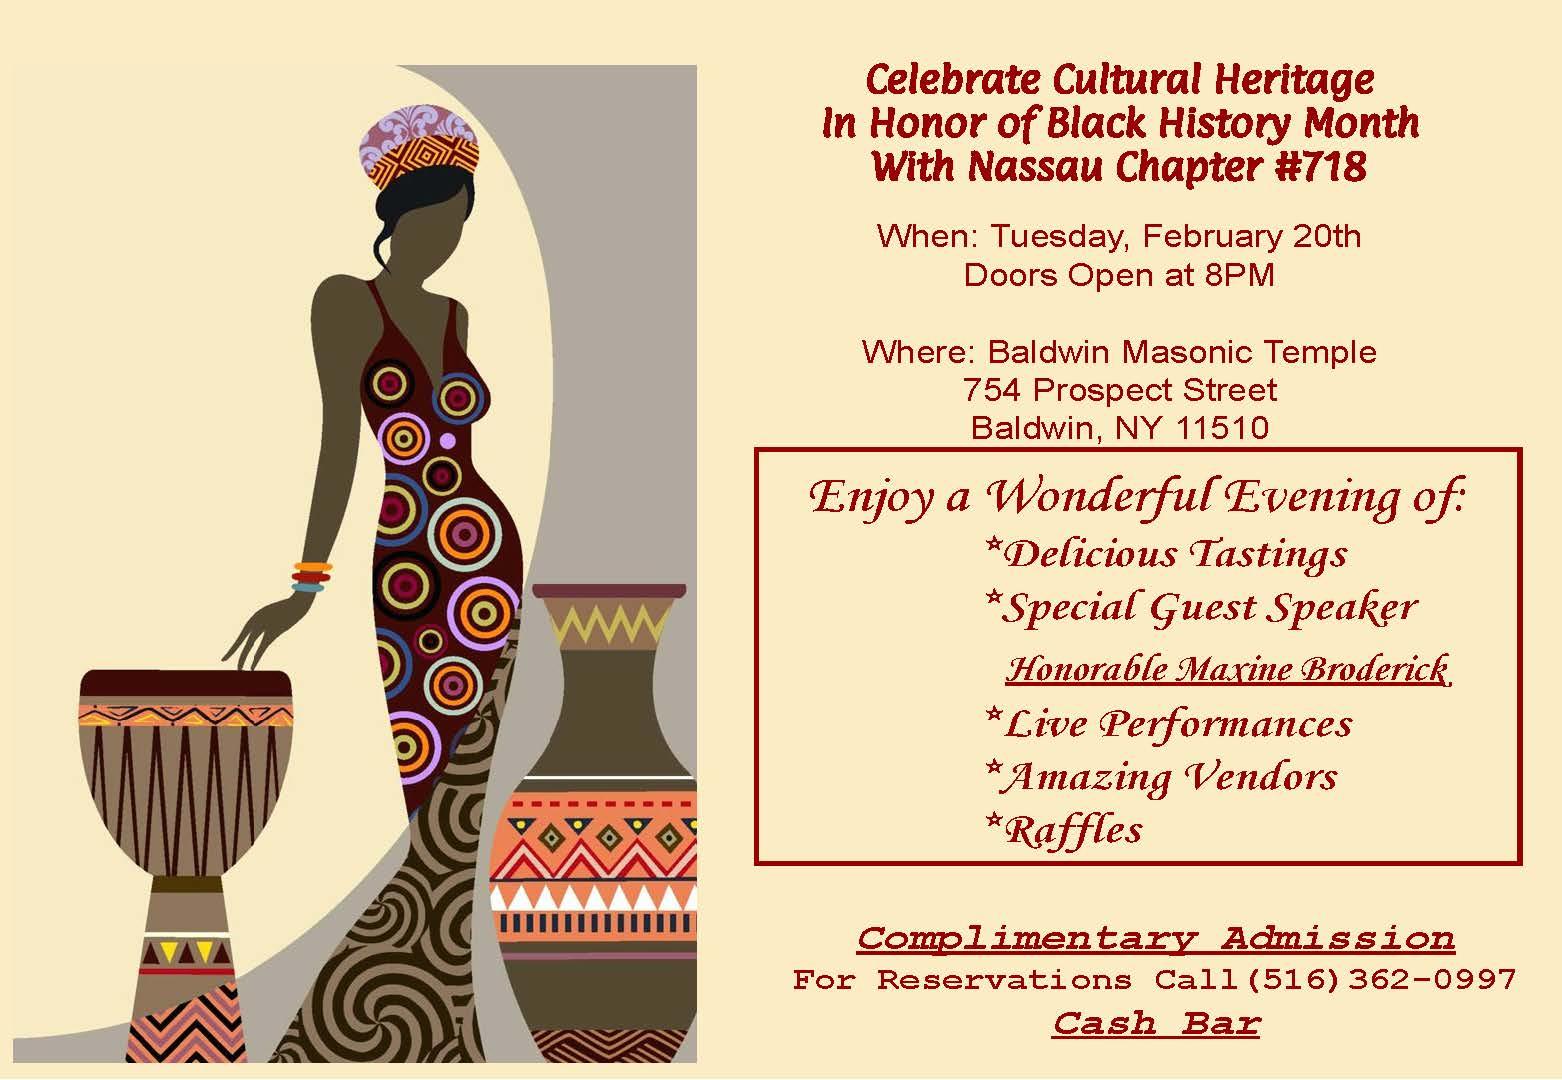 Cultural Heritage invite